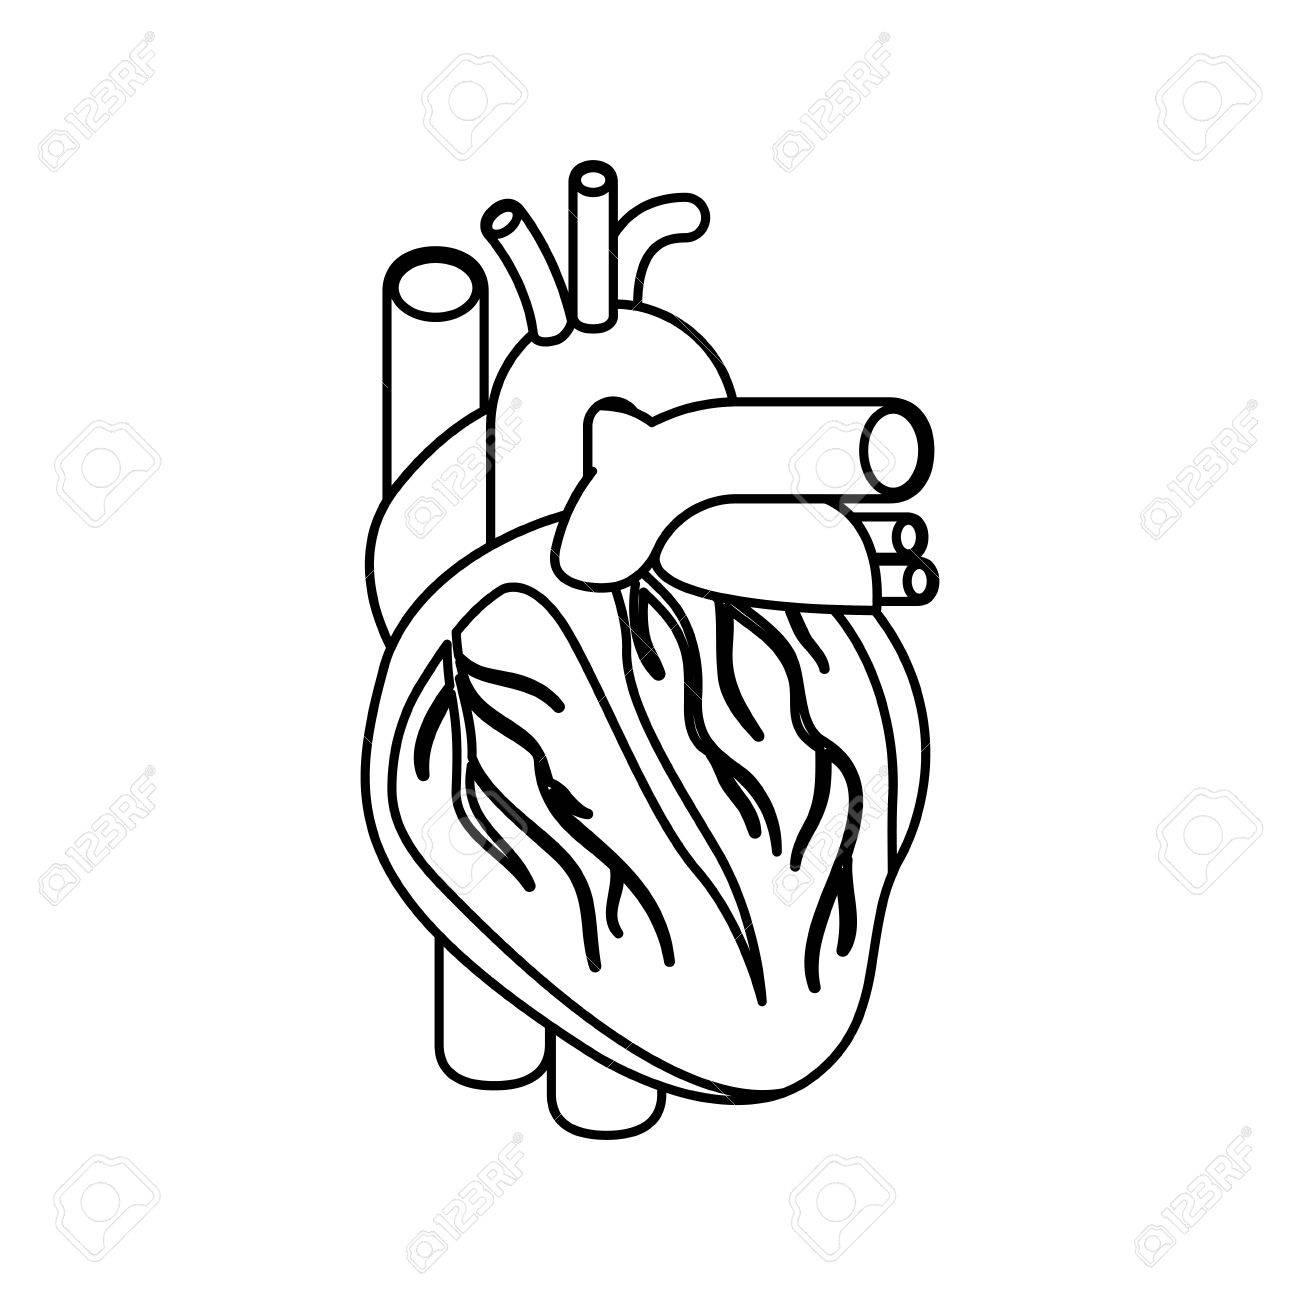 Skizze Silhouette Herz System Menschlichen Körpers Vektor ...